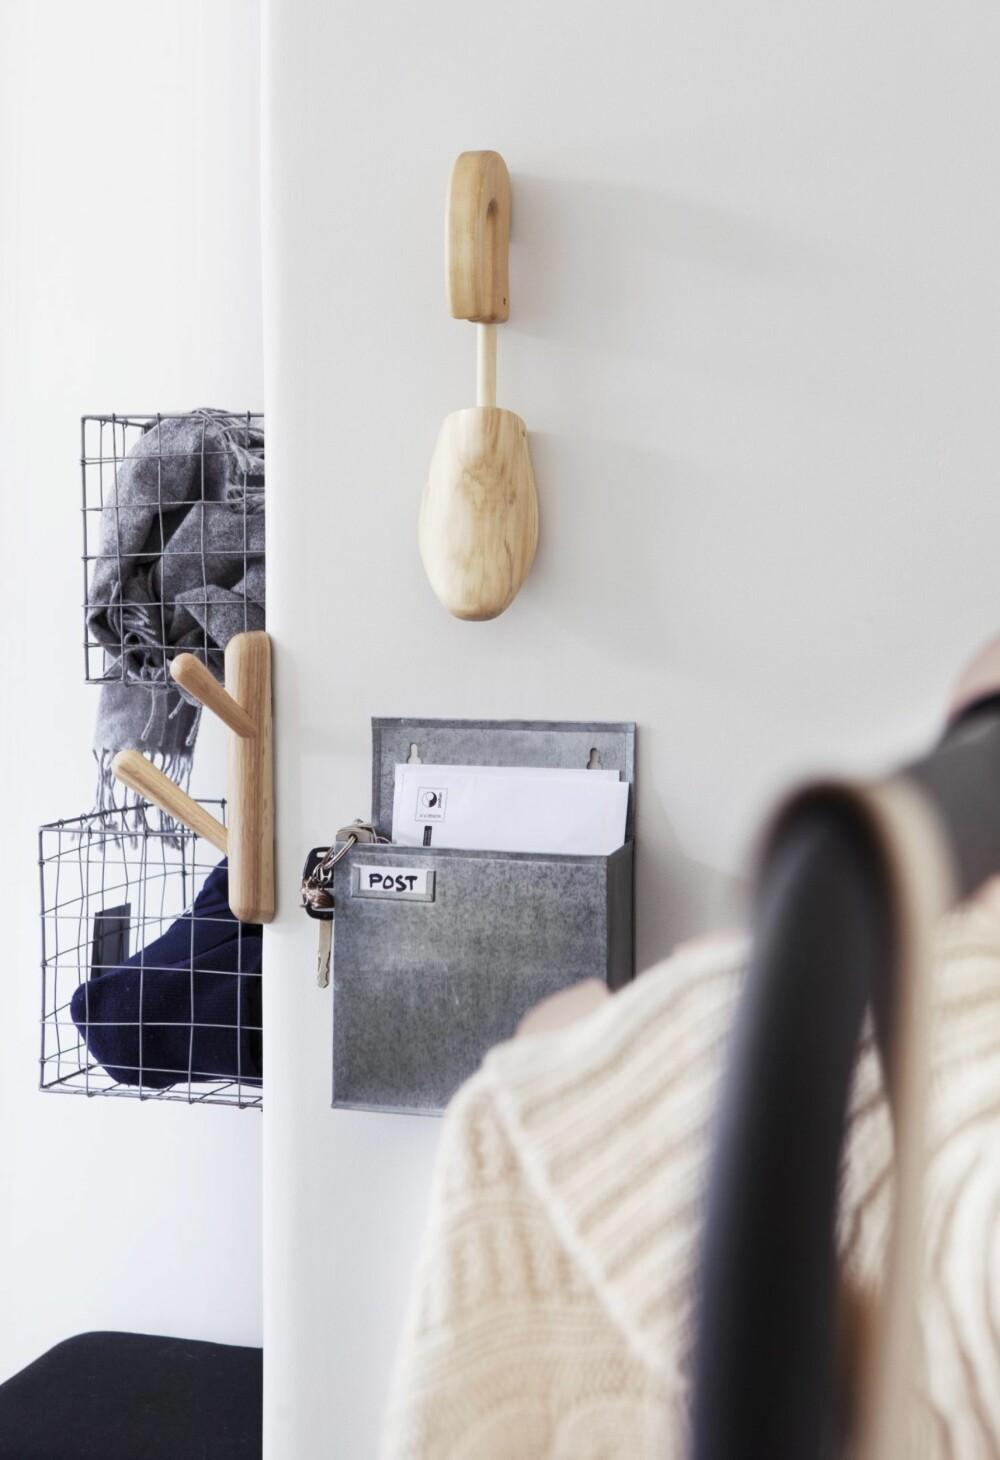 Trådkurver til å henge på veggen er perfekte til luer, votter og sokker, kr 130 pr. stk., Granit. En liten treknagg i barnehøyde, kr 79, og skoform i tre, kr 299, begge fra Habitat. Postkasse i sink til posten du tar inn, kr 79, Granit.